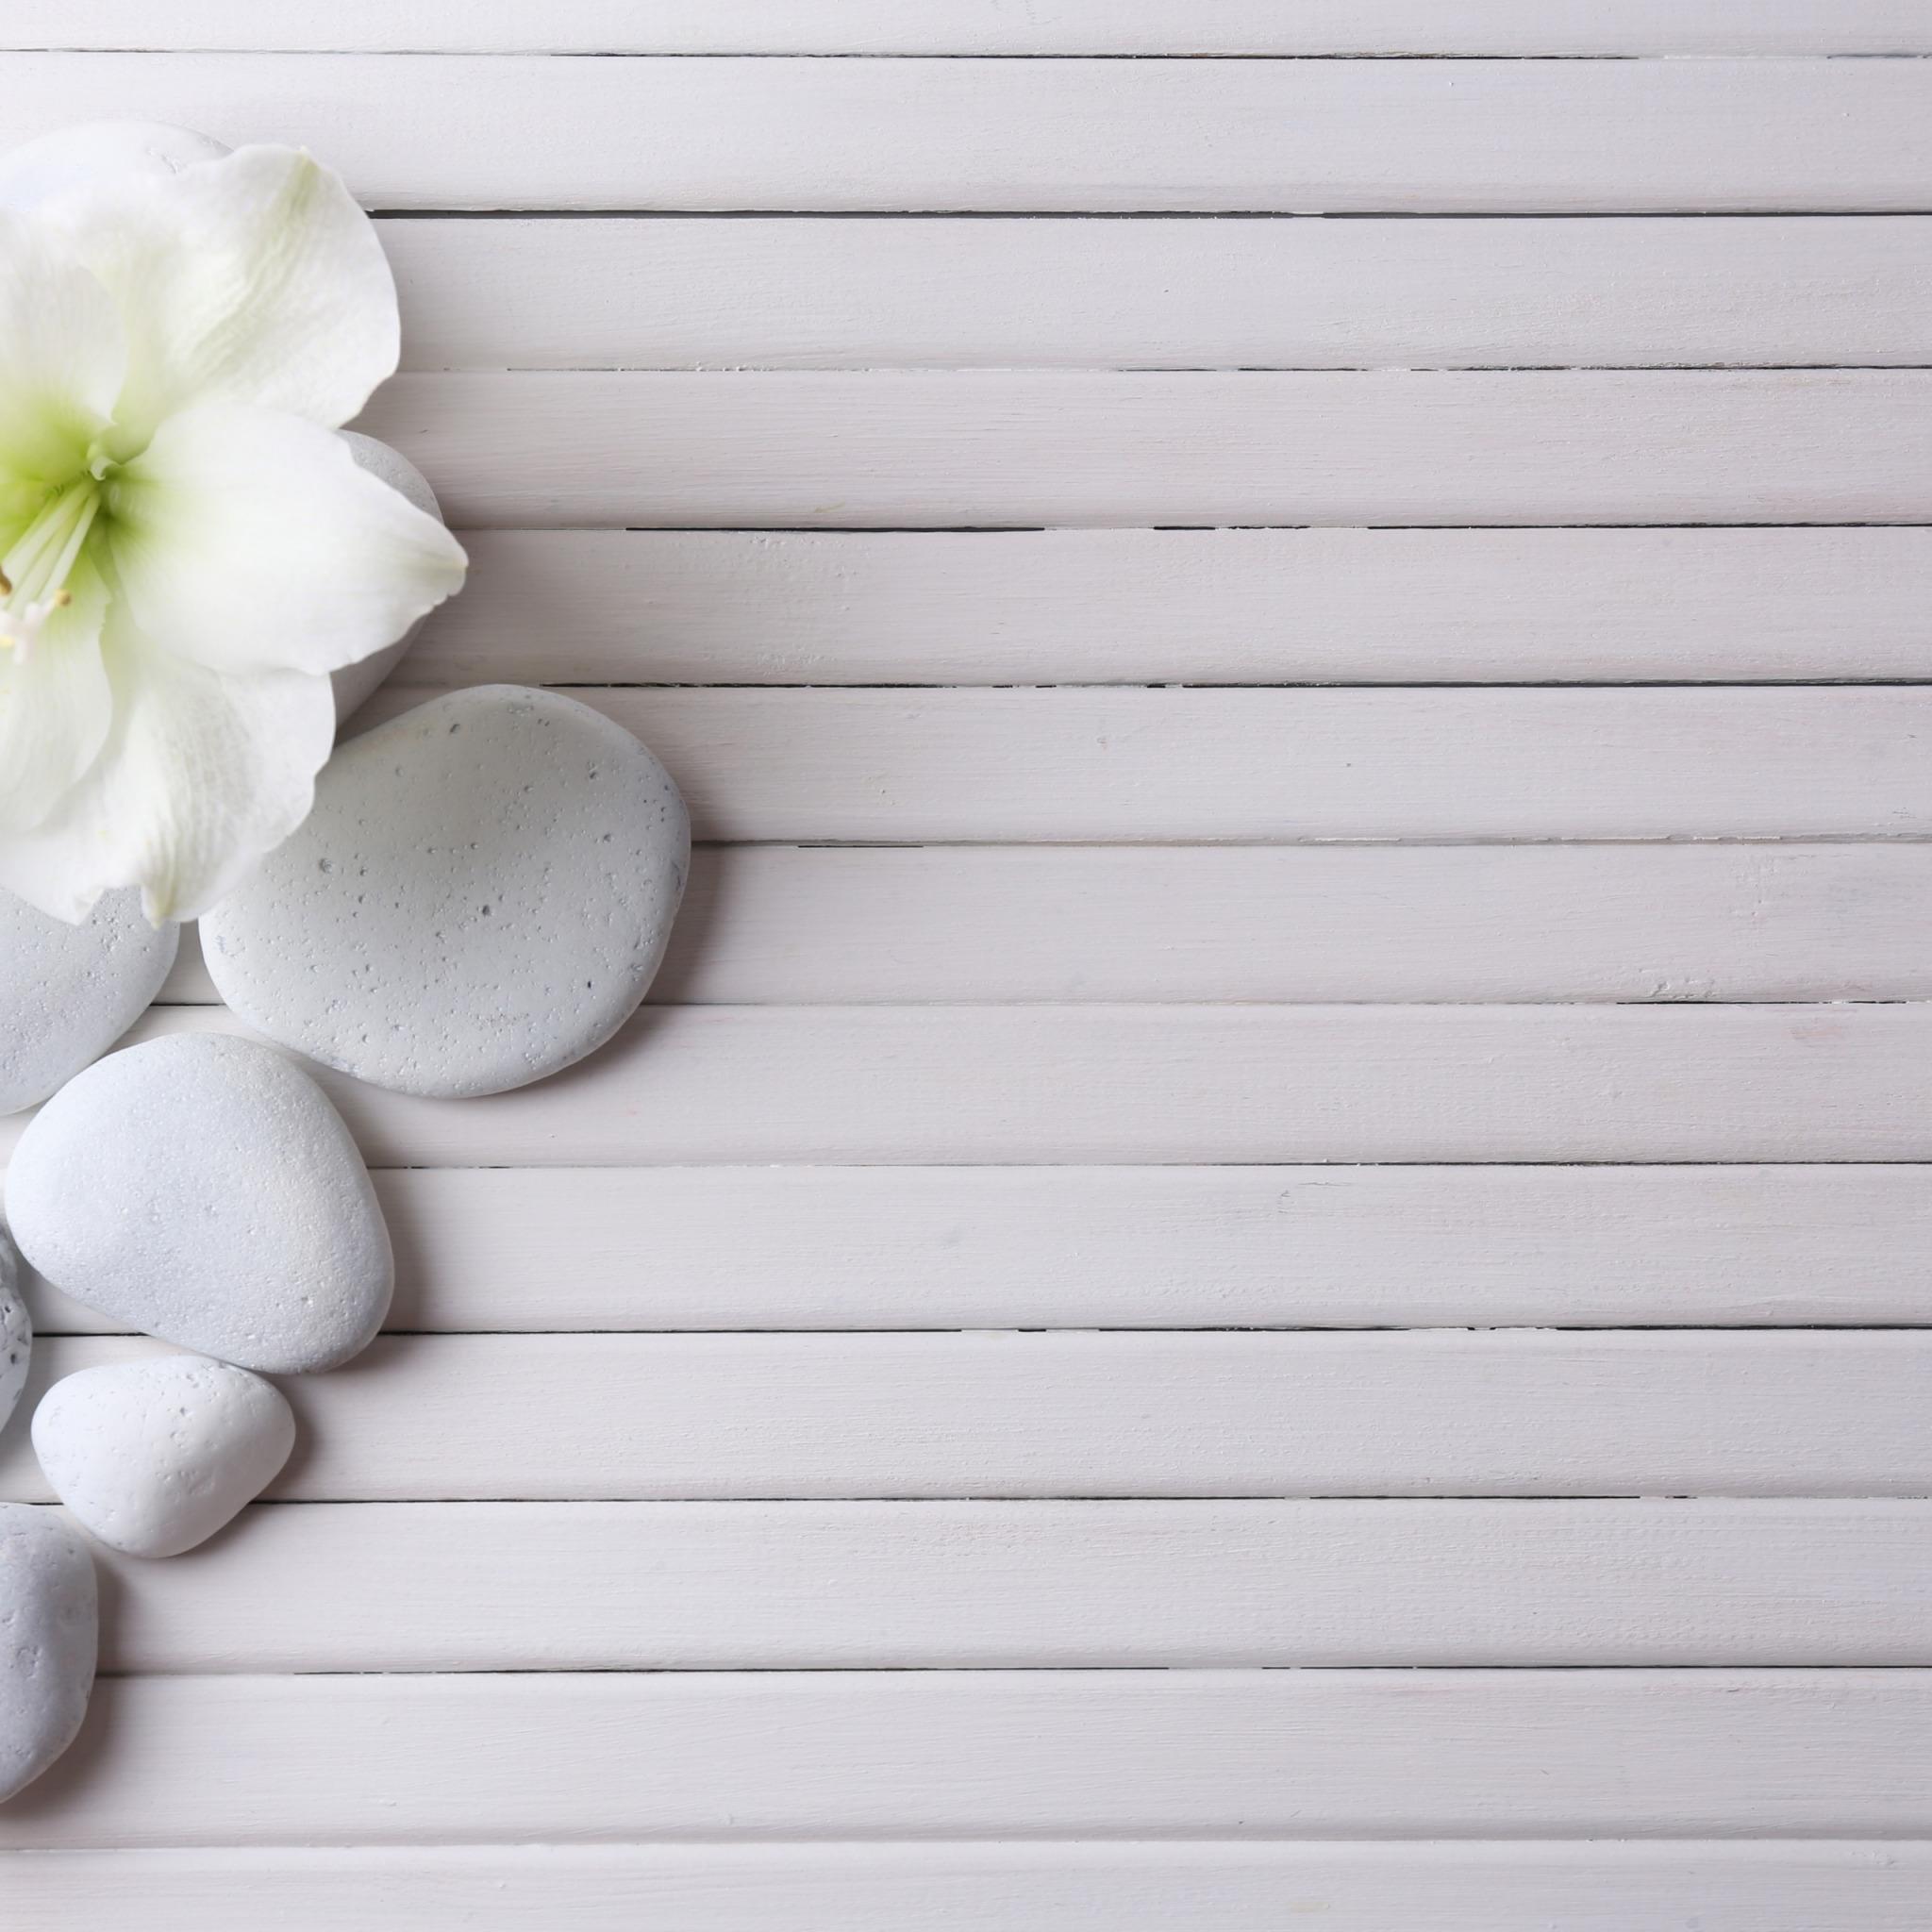 Красивый белый фон для предметного фото